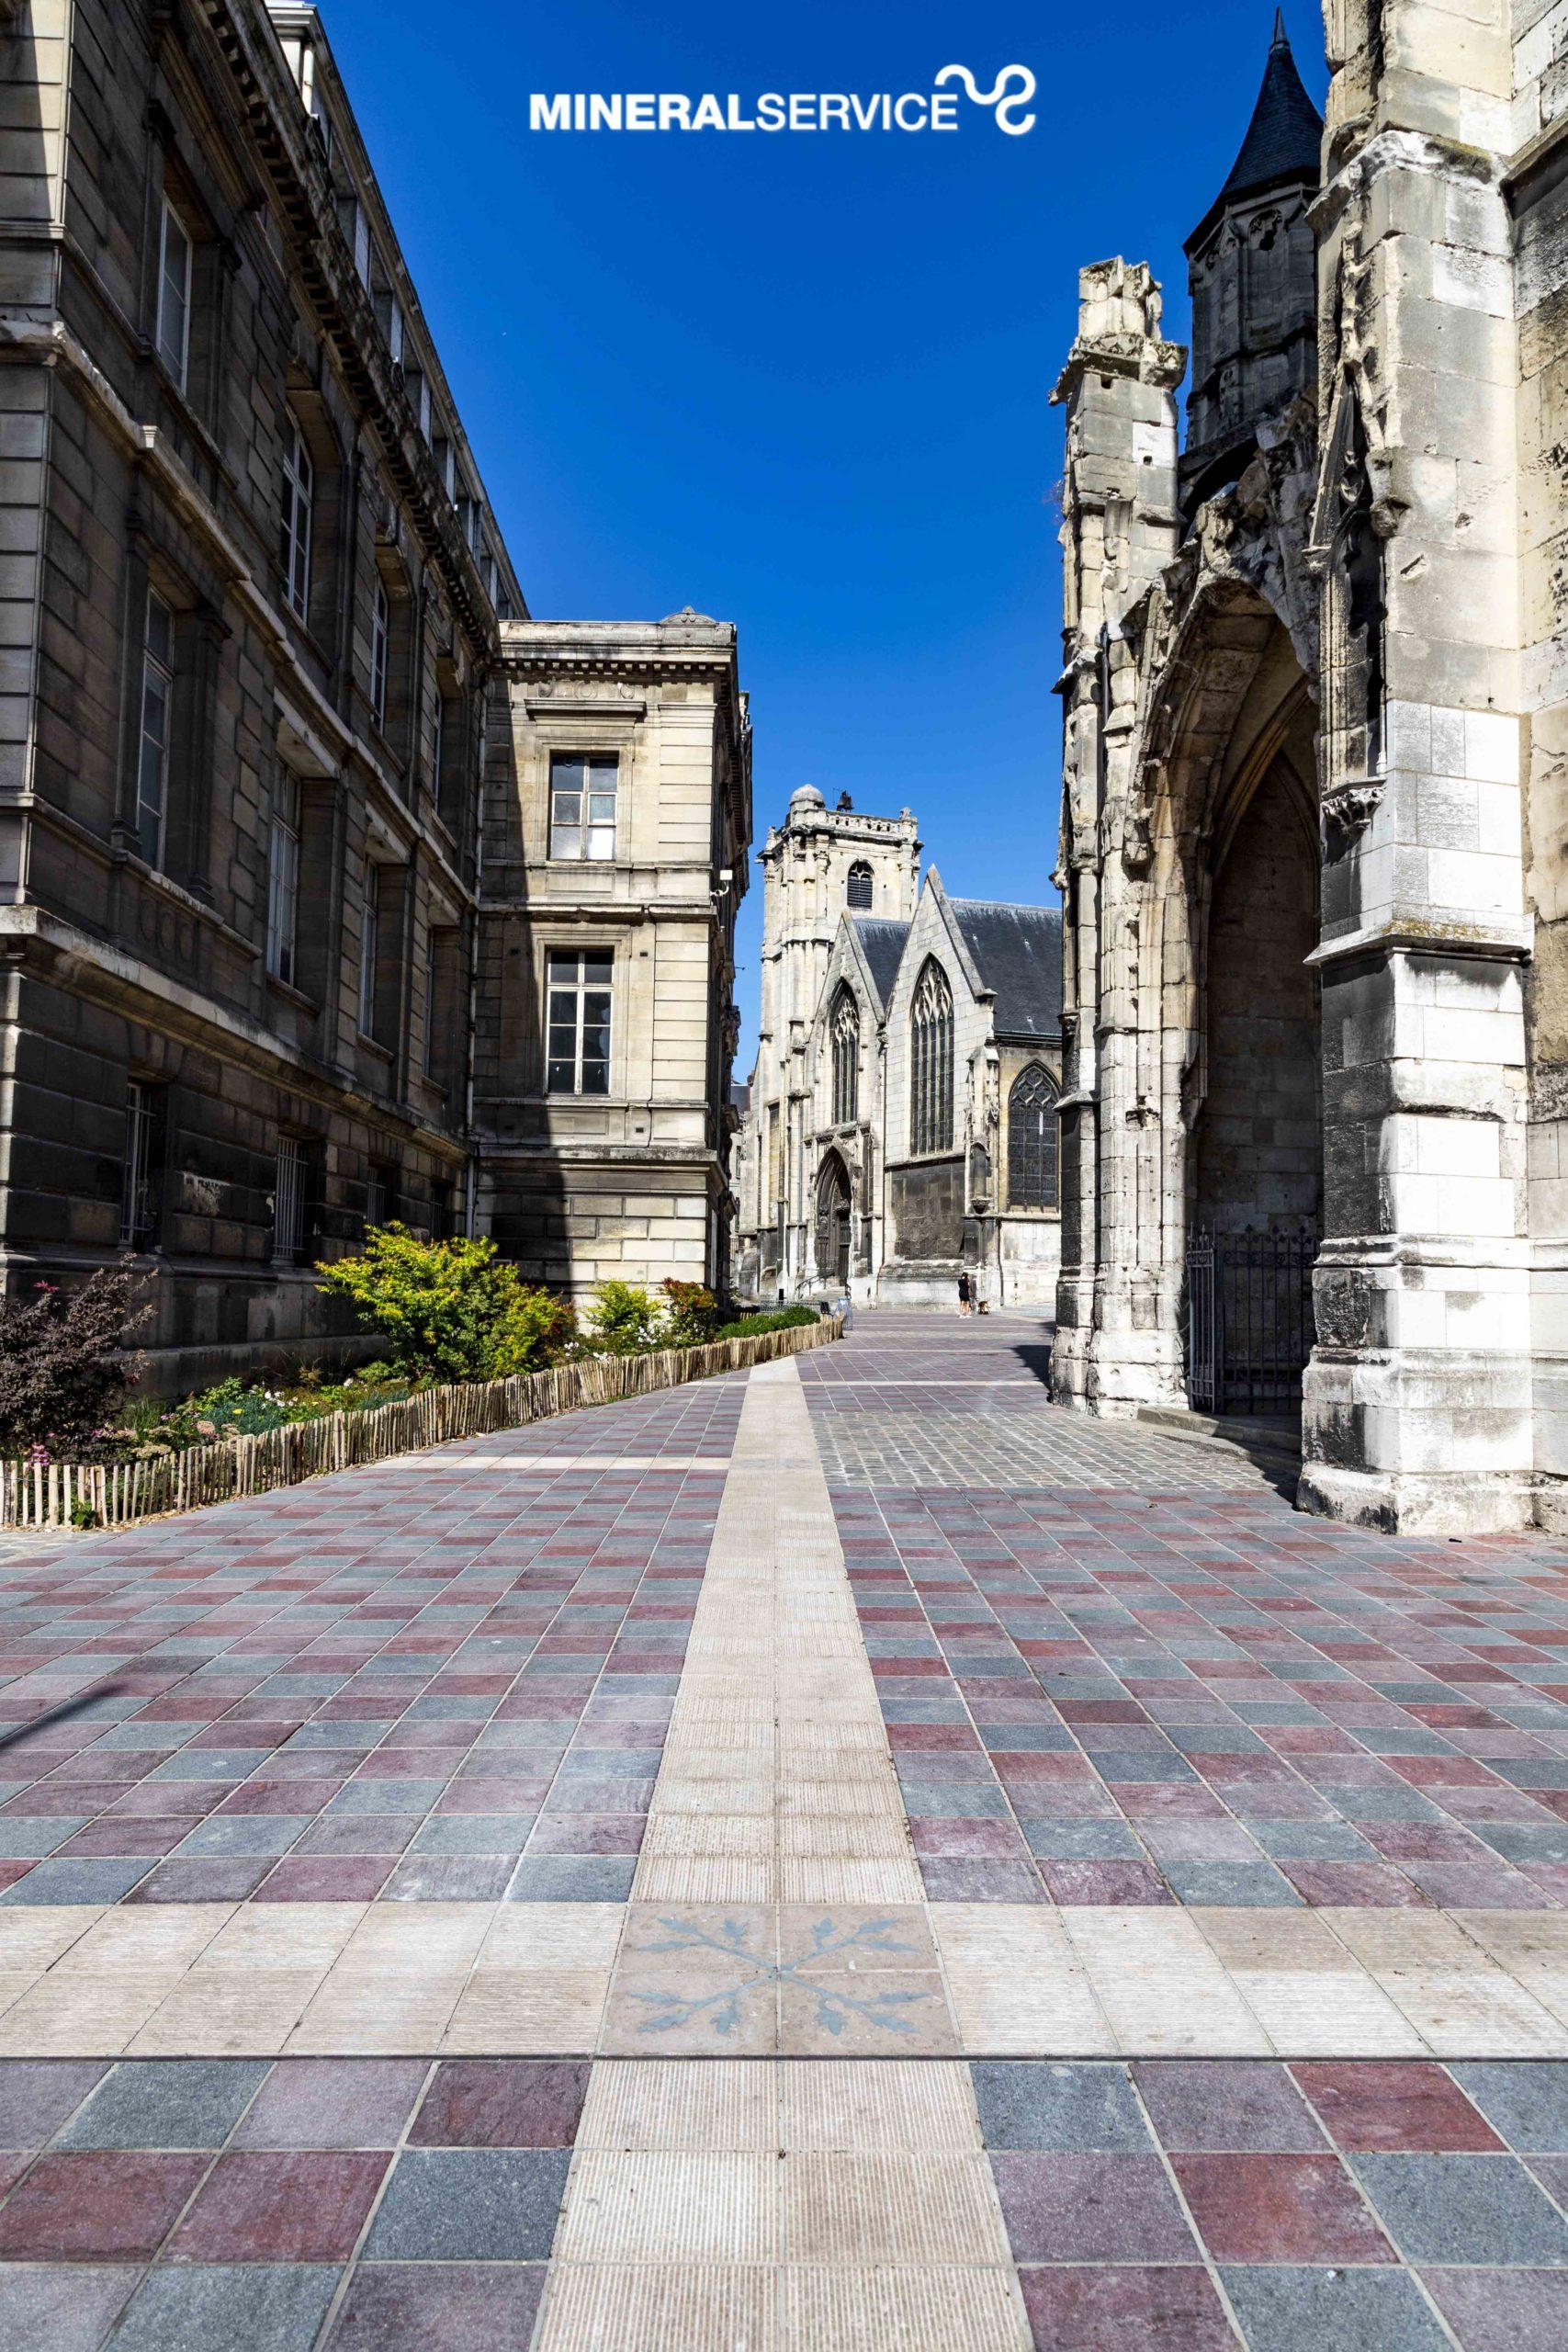 Aménagements urbains Rouen